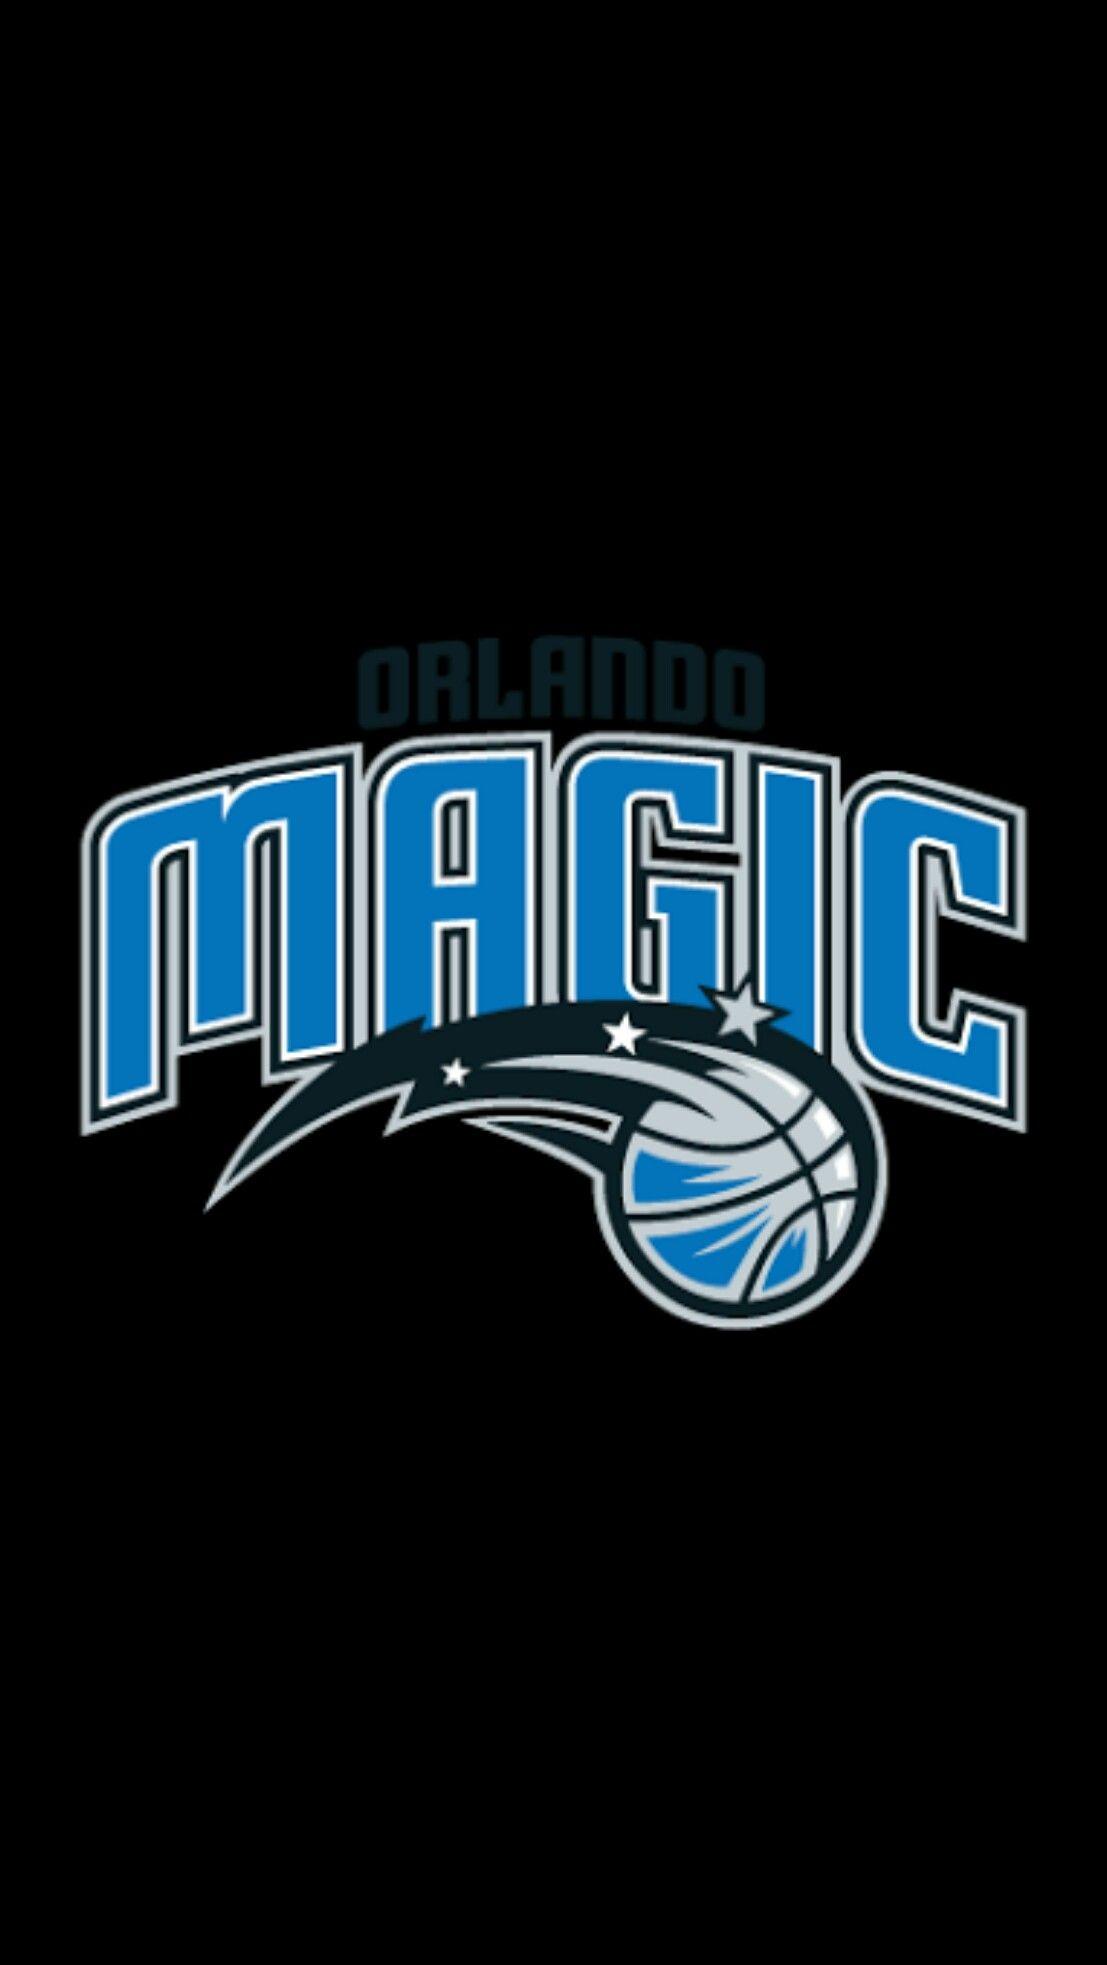 Nba Wallpaper Iphone Android Basketball Nba Wallpapers Orlando Magic